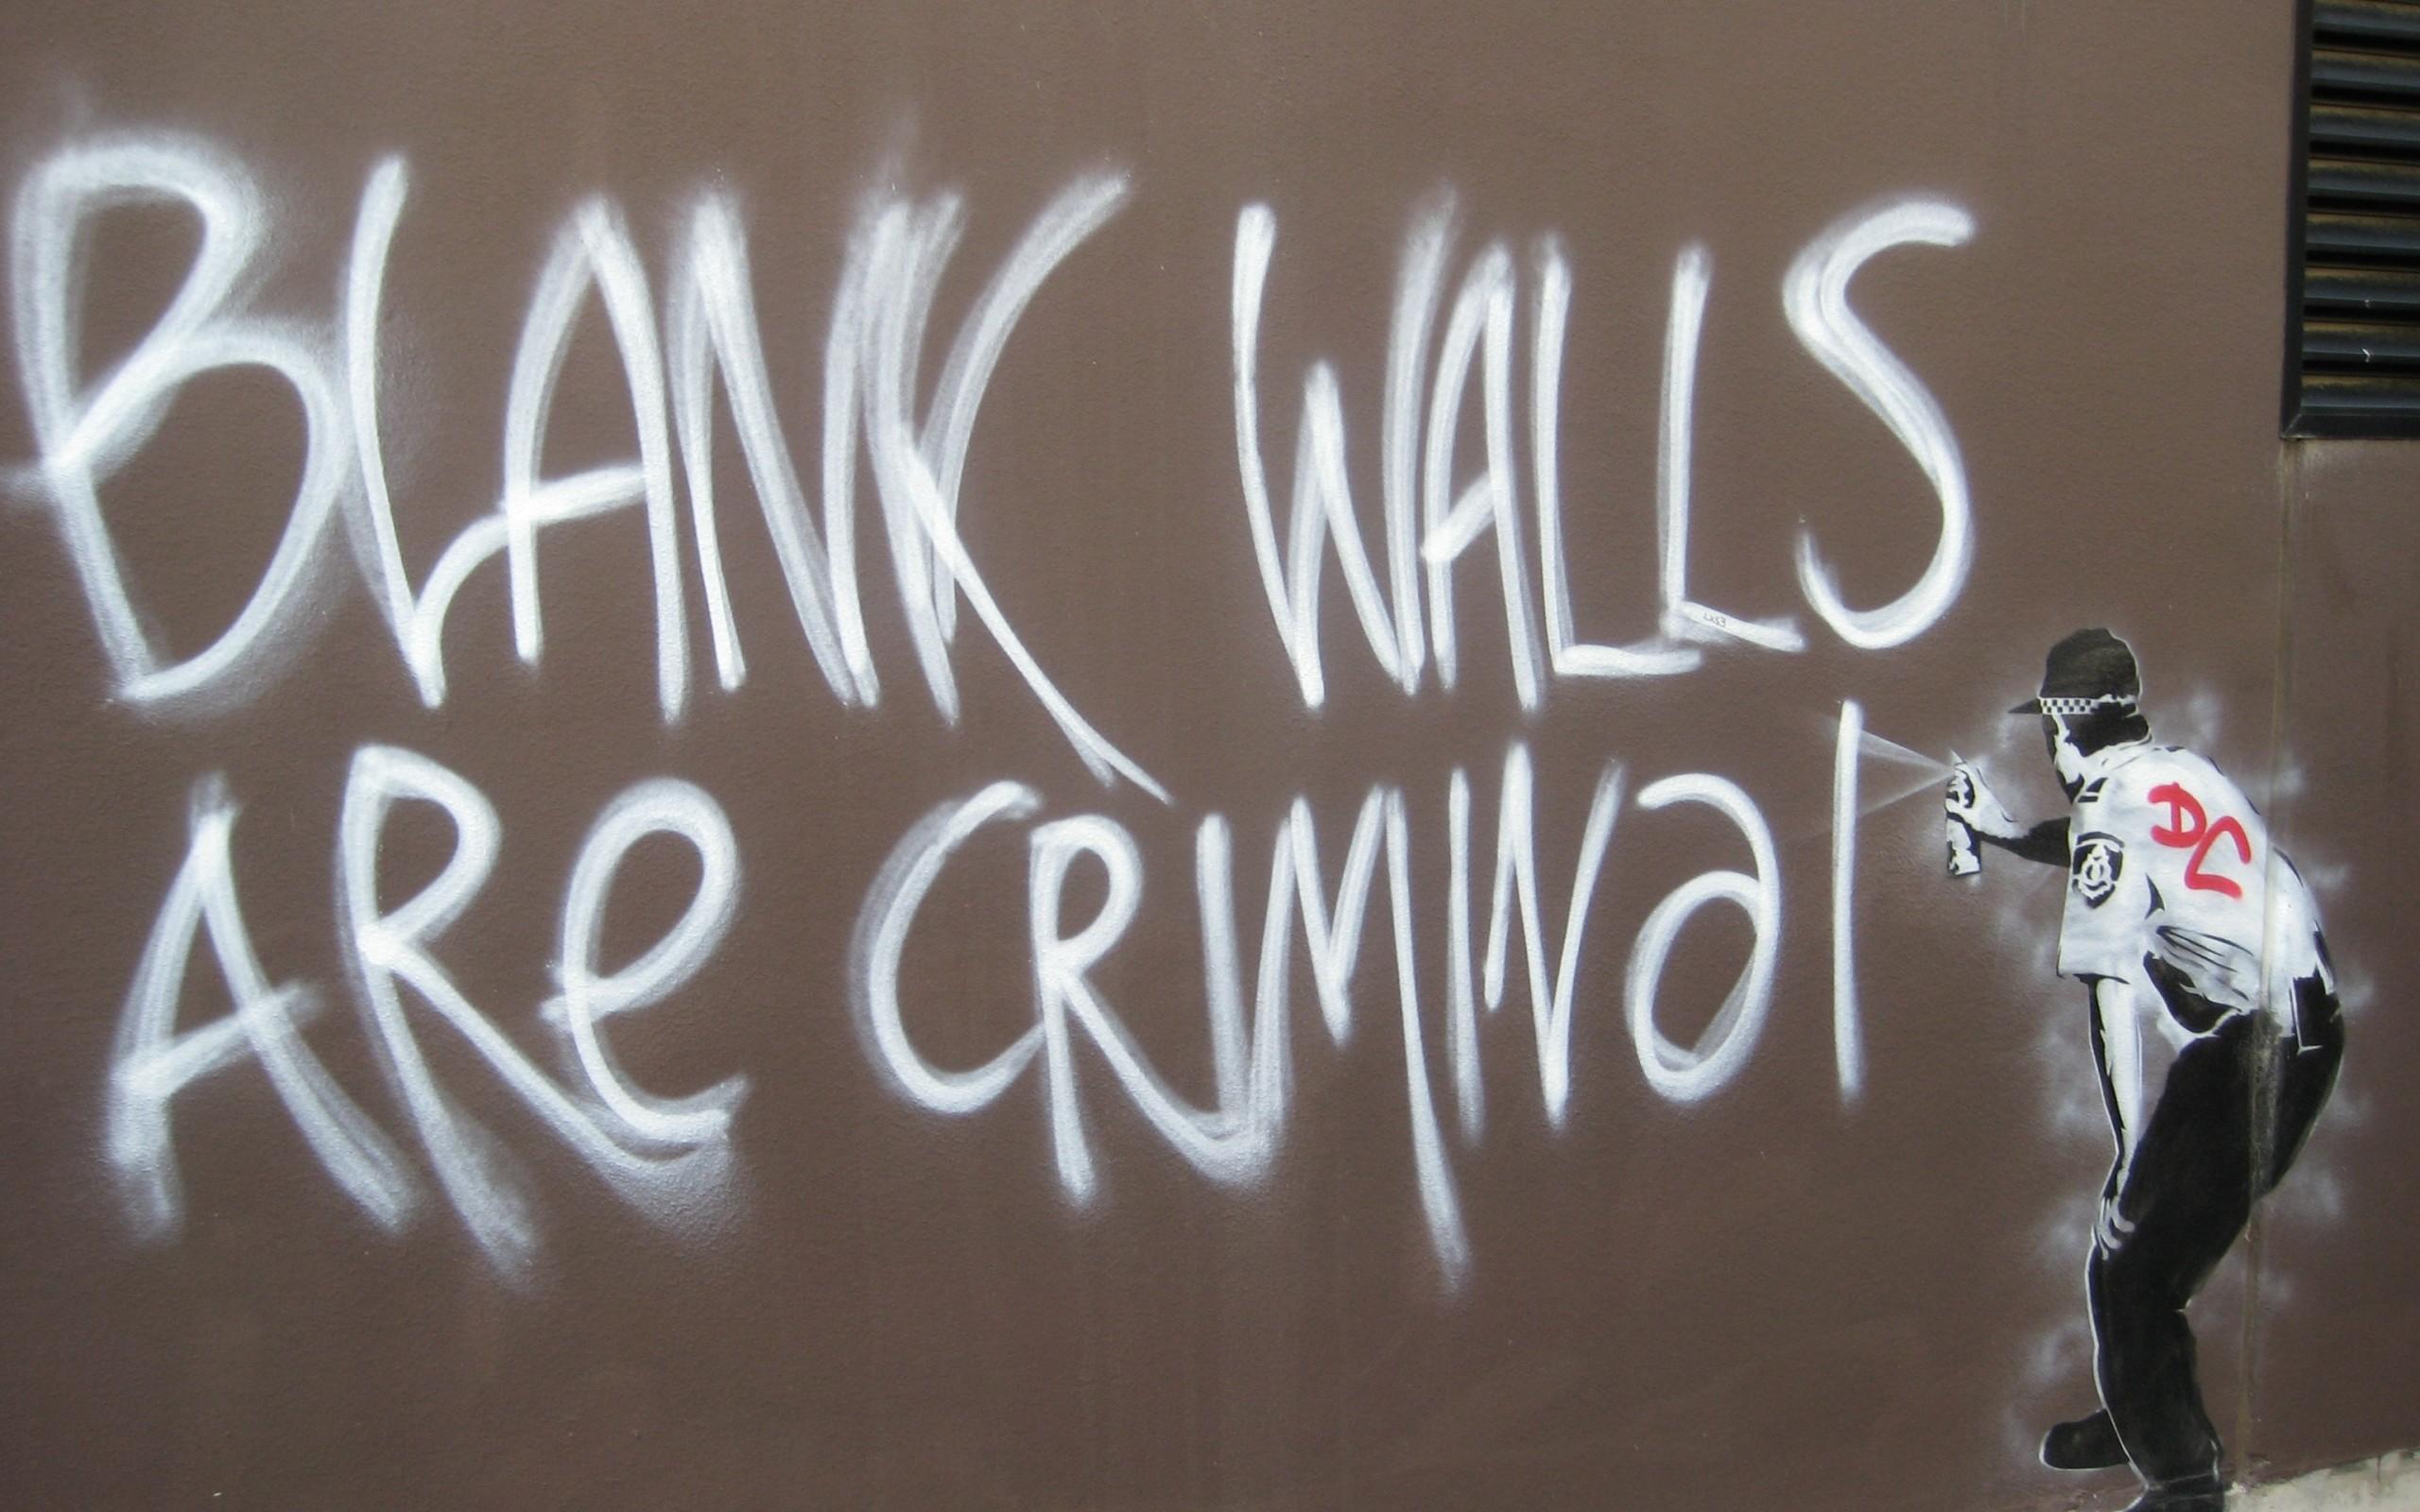 Graffiti Wallpapers – Wallpaper Cave